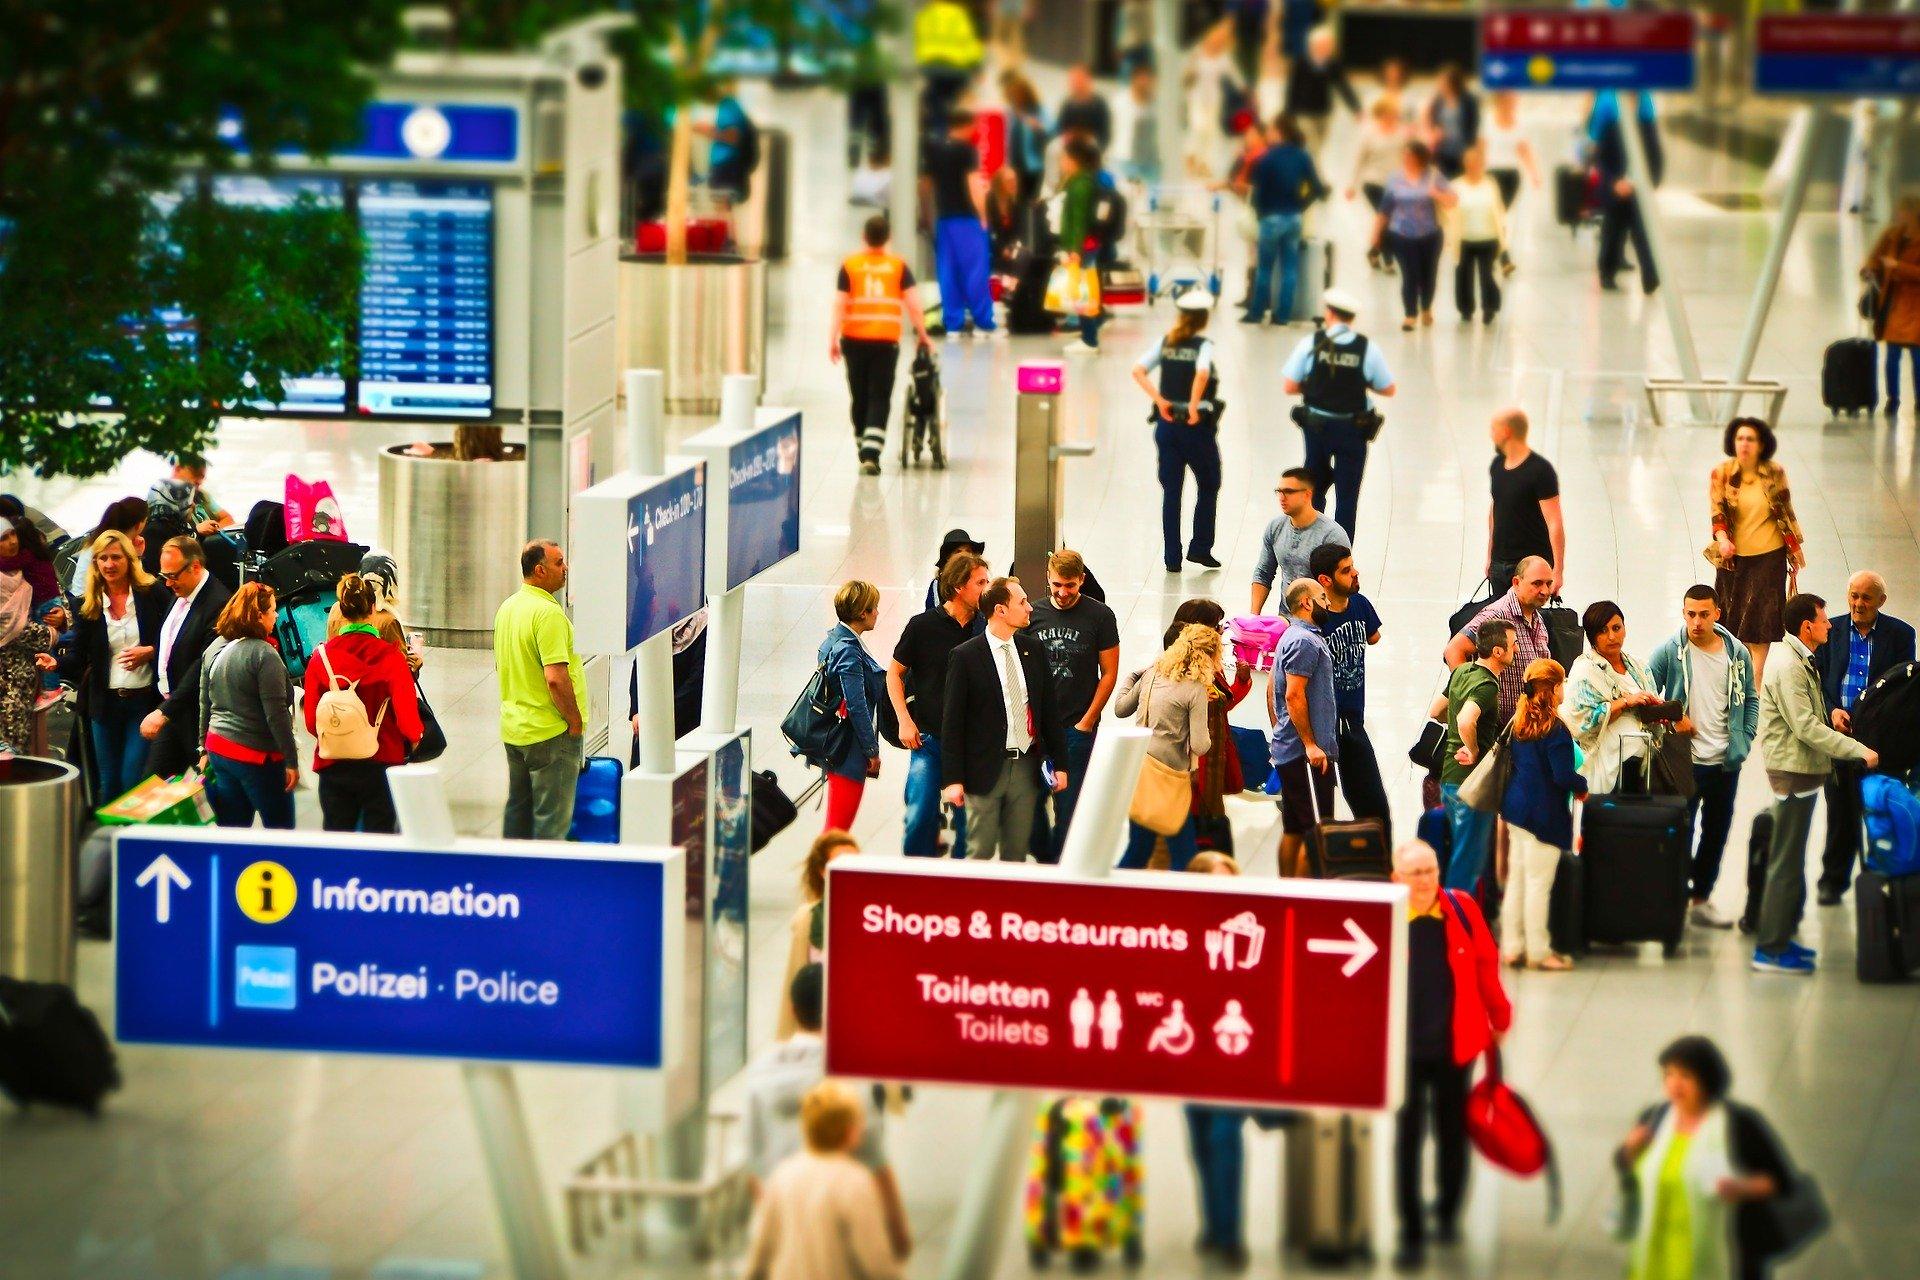 Большинство российских туристов после пандемии хотели бы отправиться в отпуск за рубеж